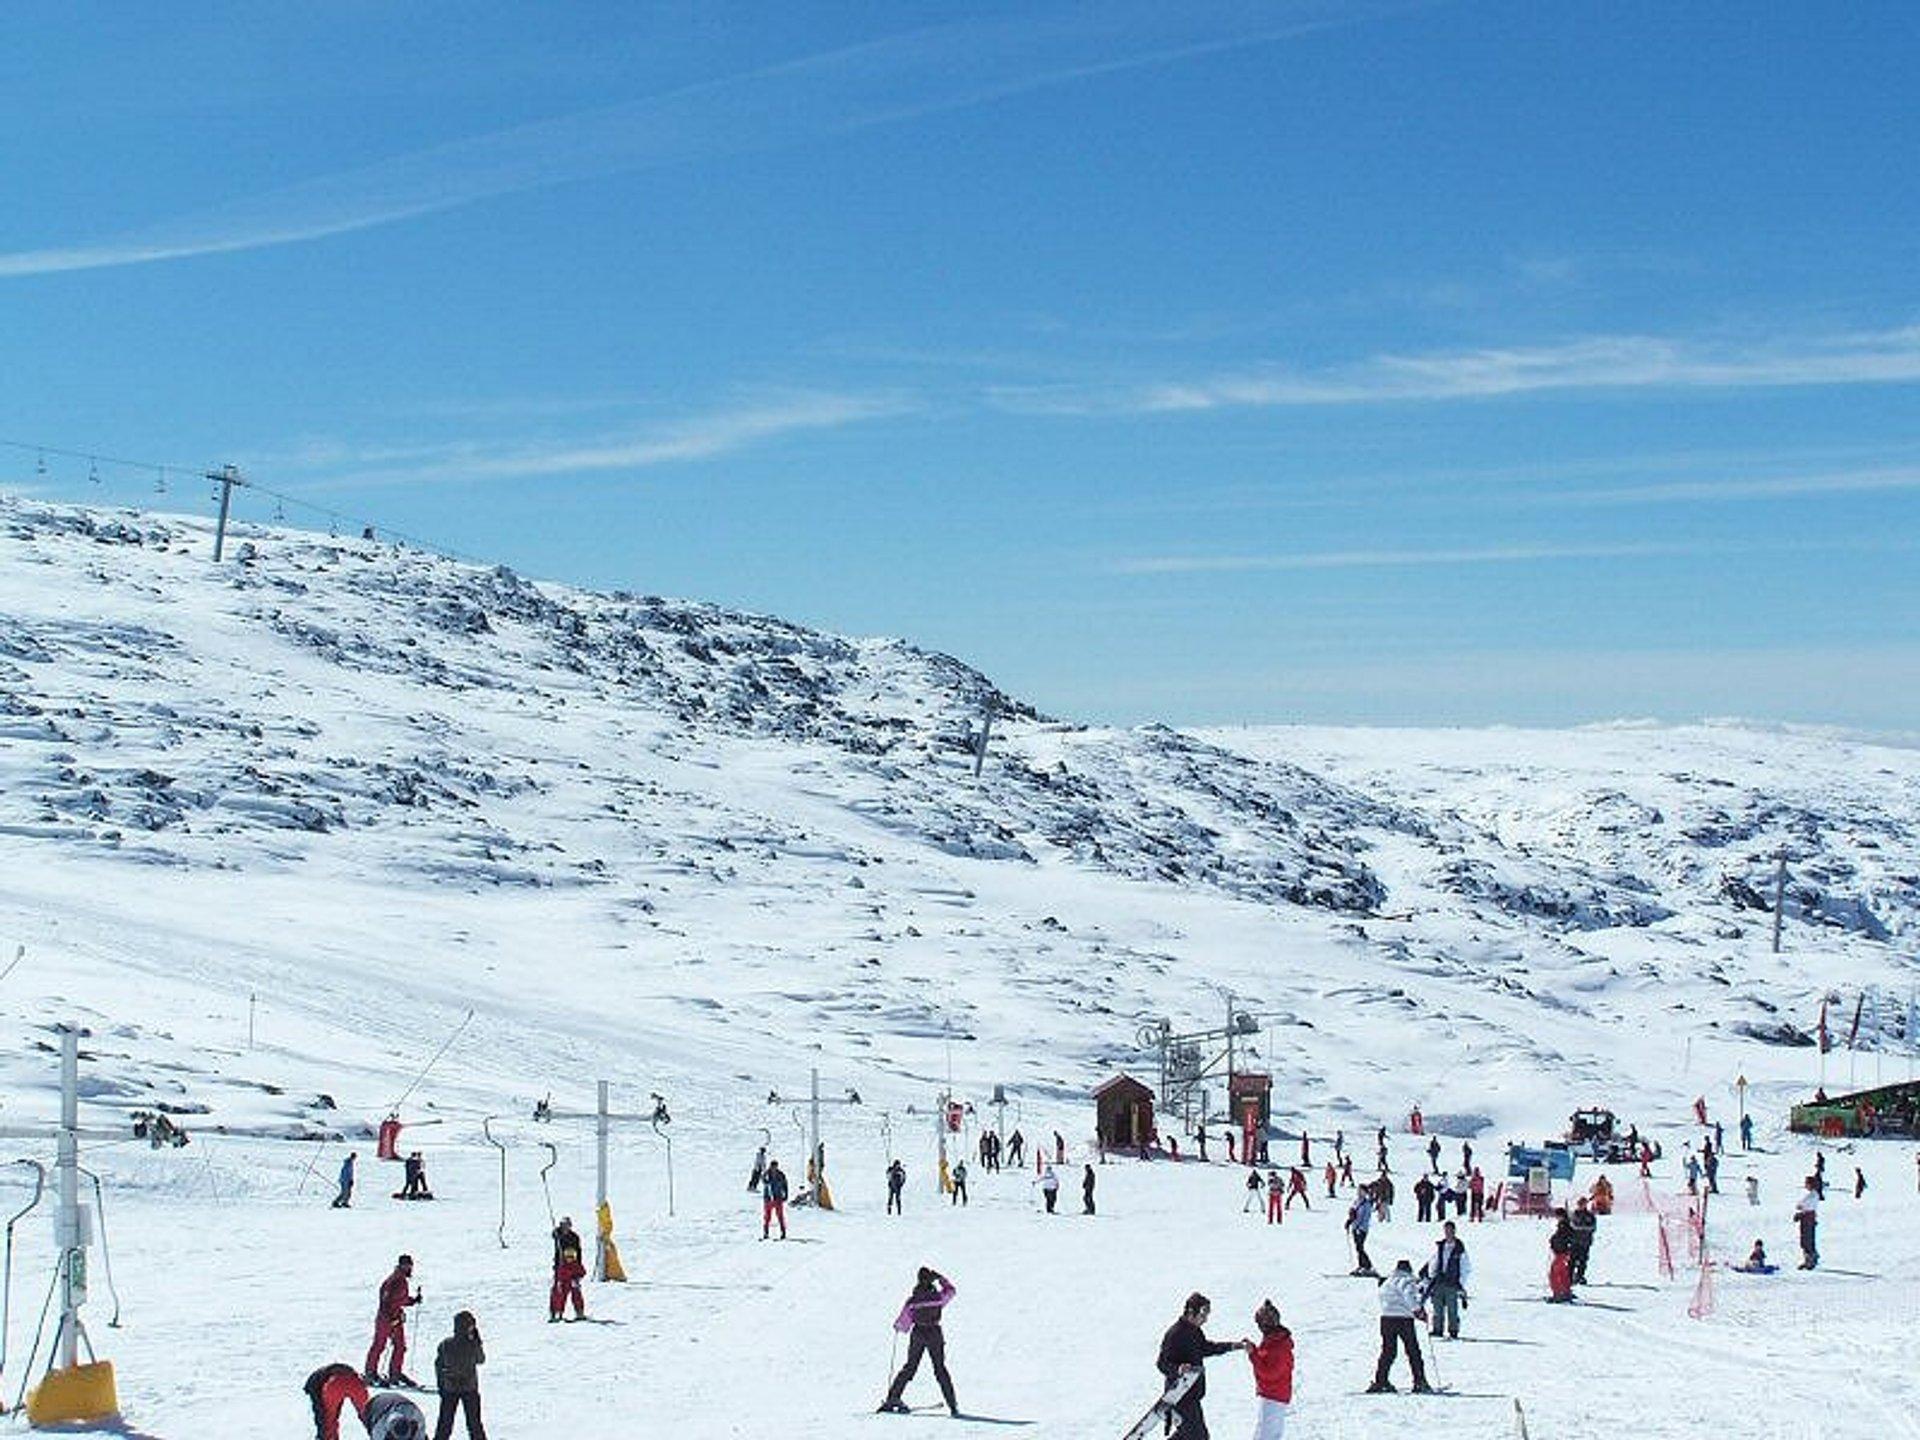 Serra da Estrela Skiing in Portugal 2020 - Best Time